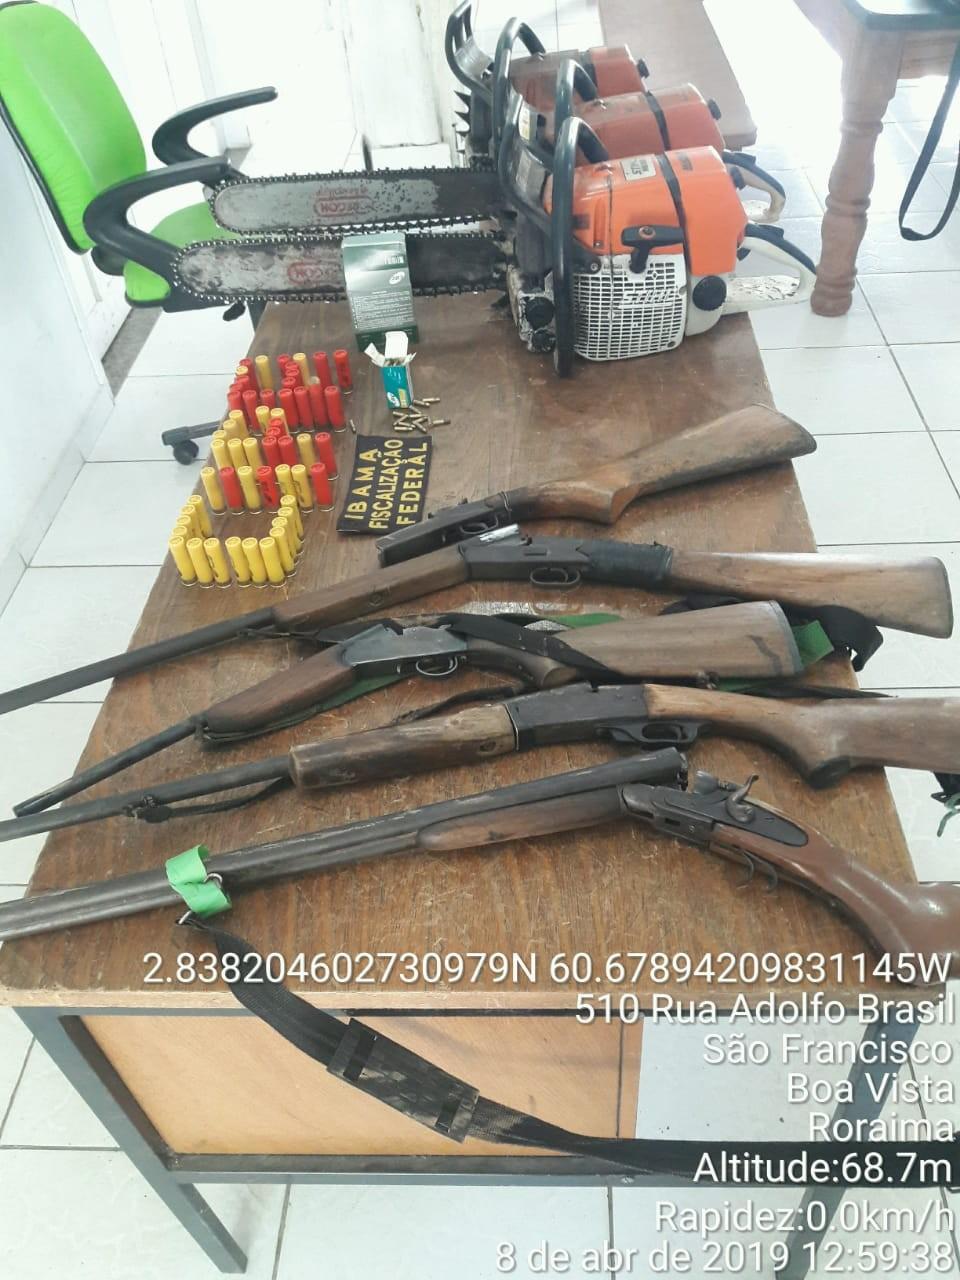 Ação apreende armas, munições e carnes de caça em acampamentos clandestinos no Sul de RR